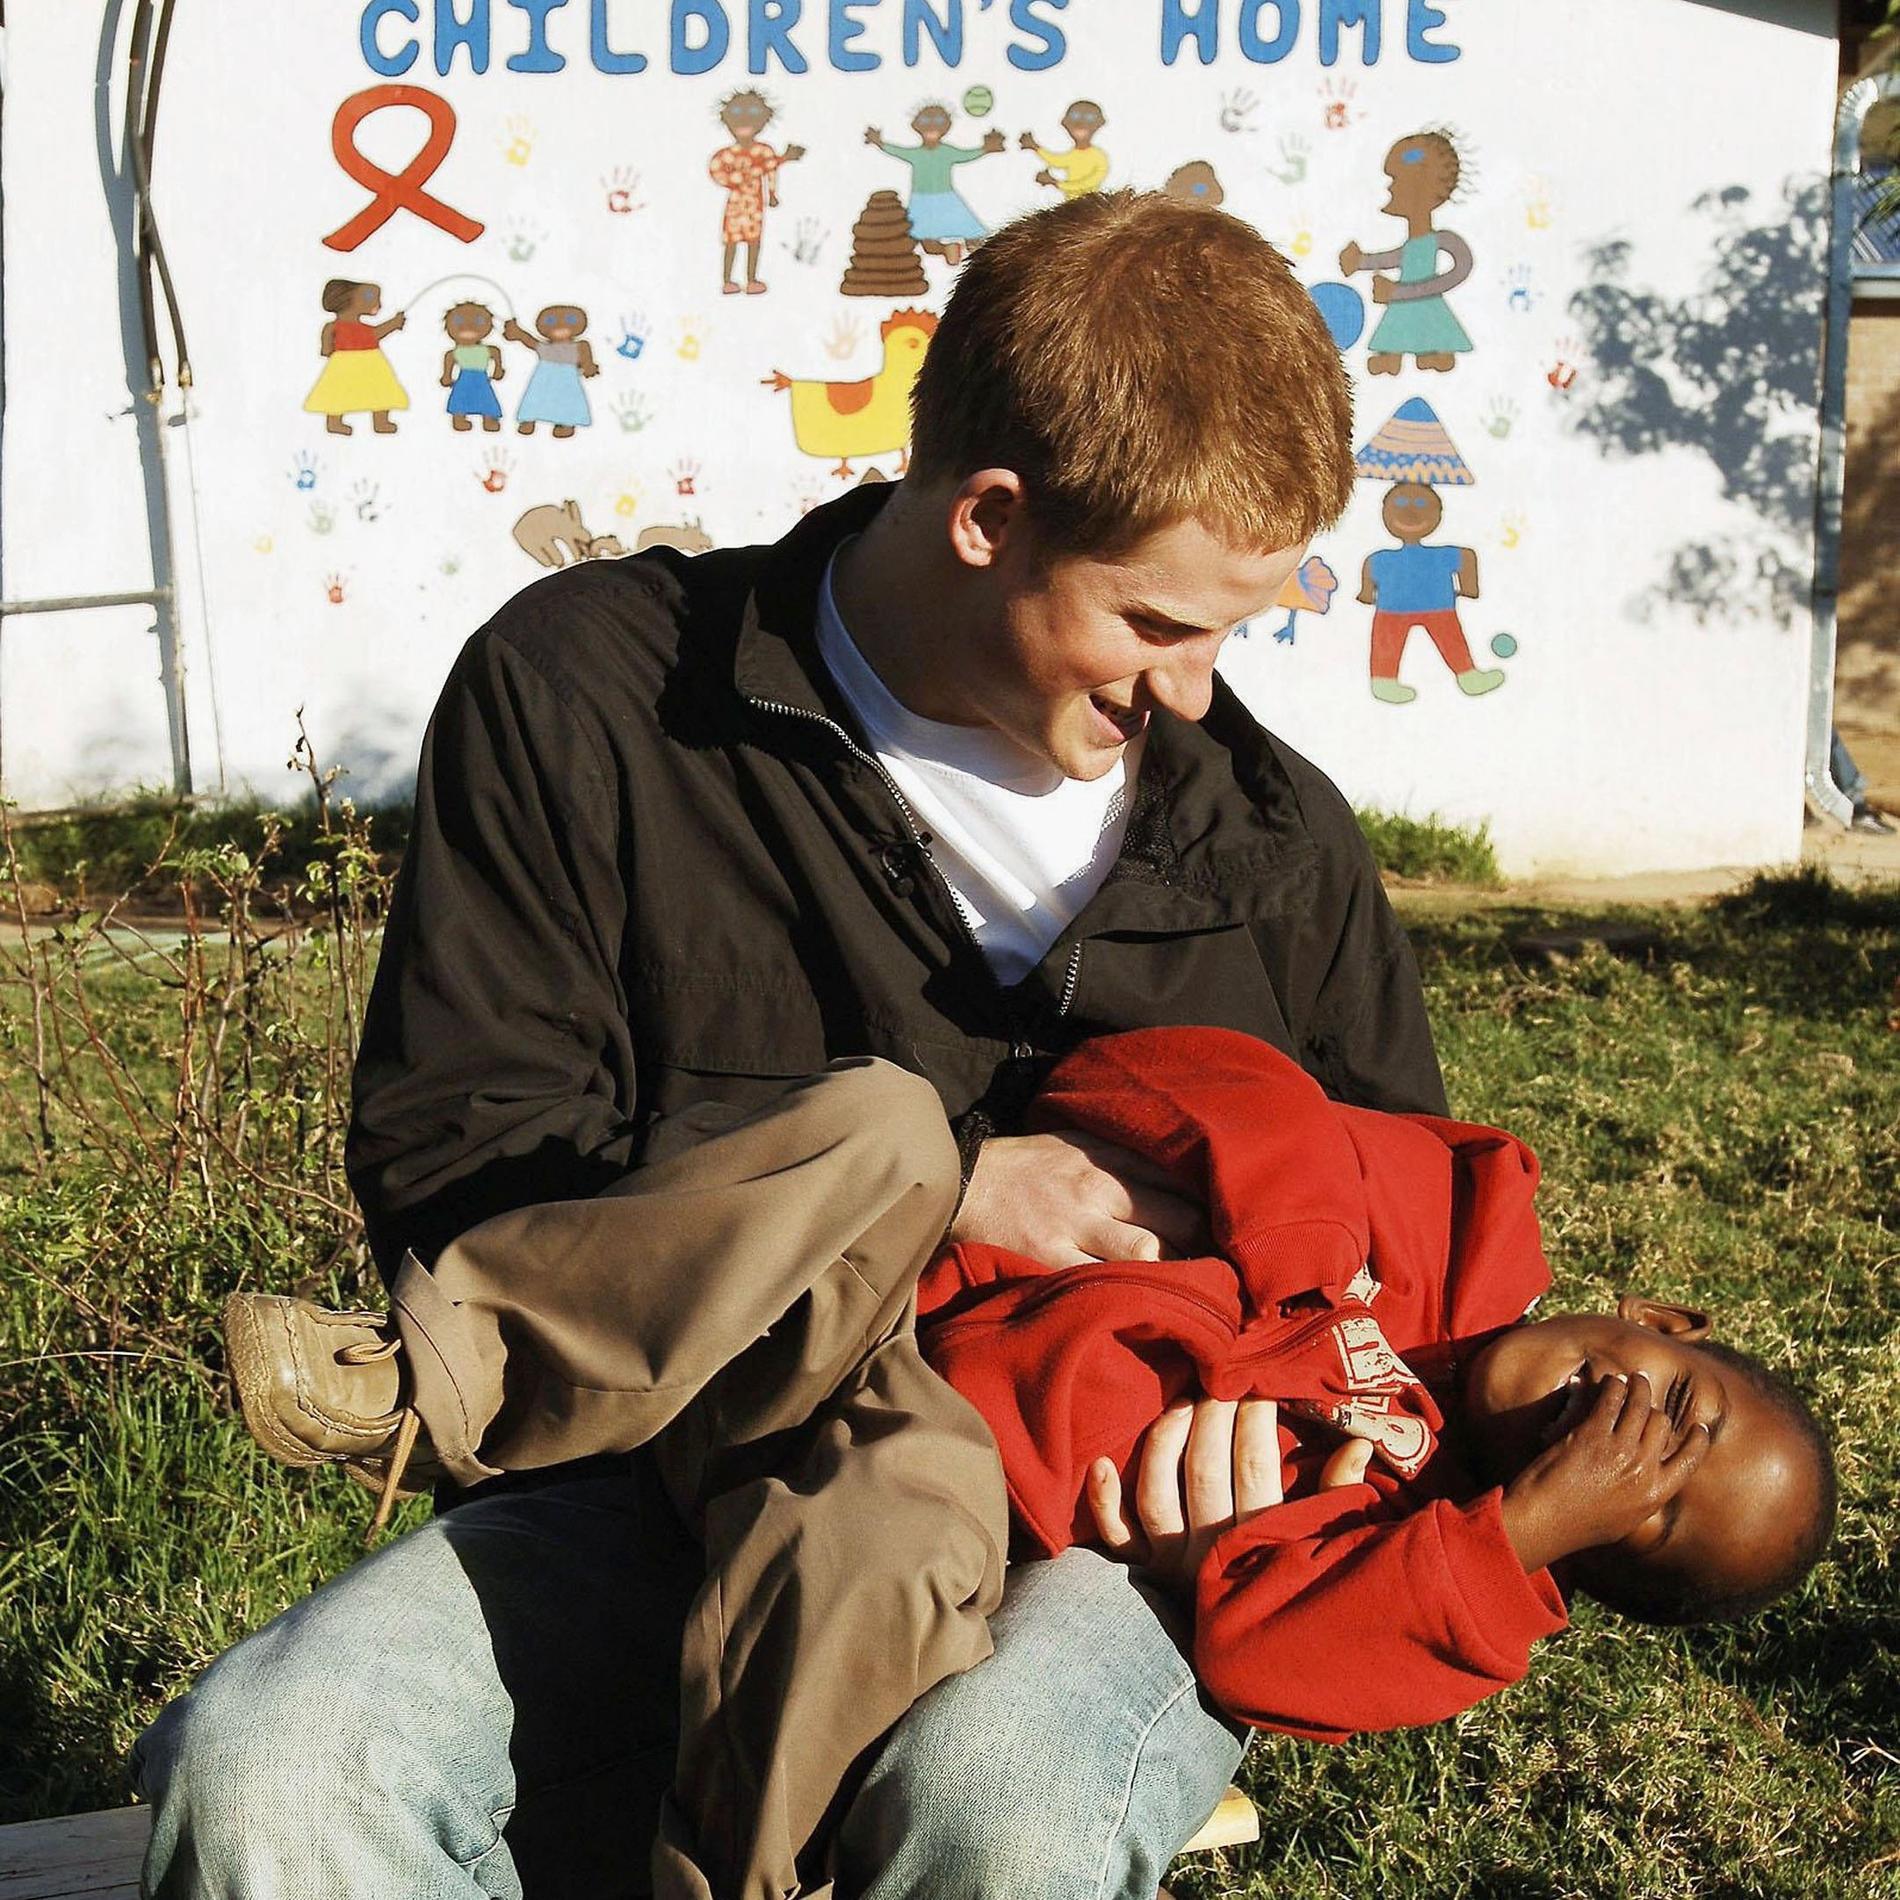 Meghan Markle et le prince Harry, leurs plus belles photos avec des enfants